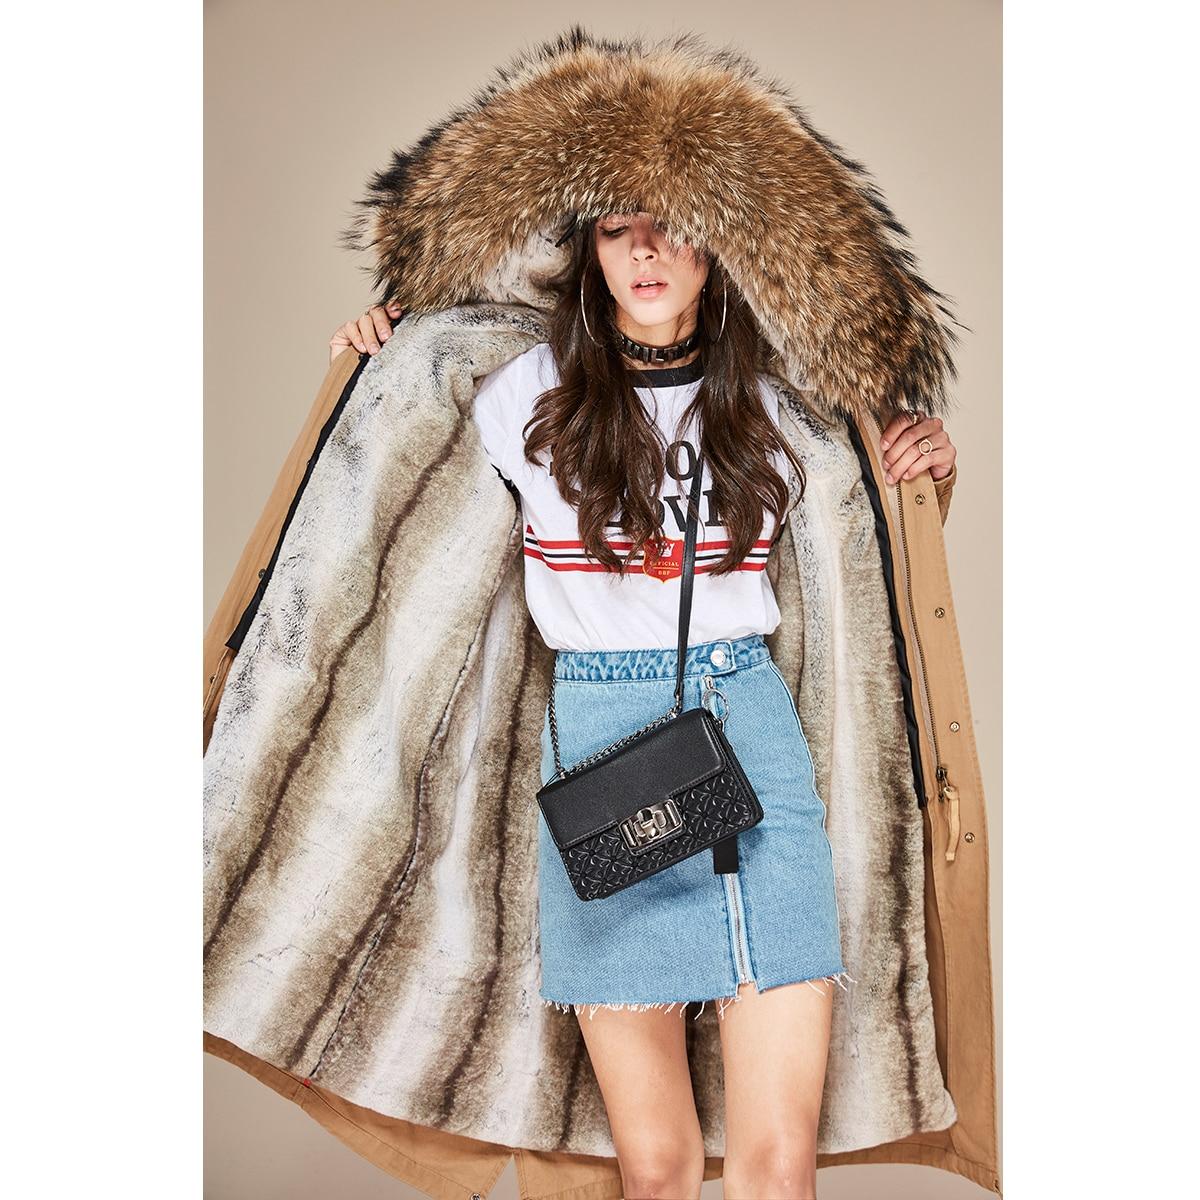 Модное белое теплое пальто с меховым воротником и капюшоном, Женская длинная куртка, новинка 2019, зимний свободный пуховик, плотное пальто, ж... - 3